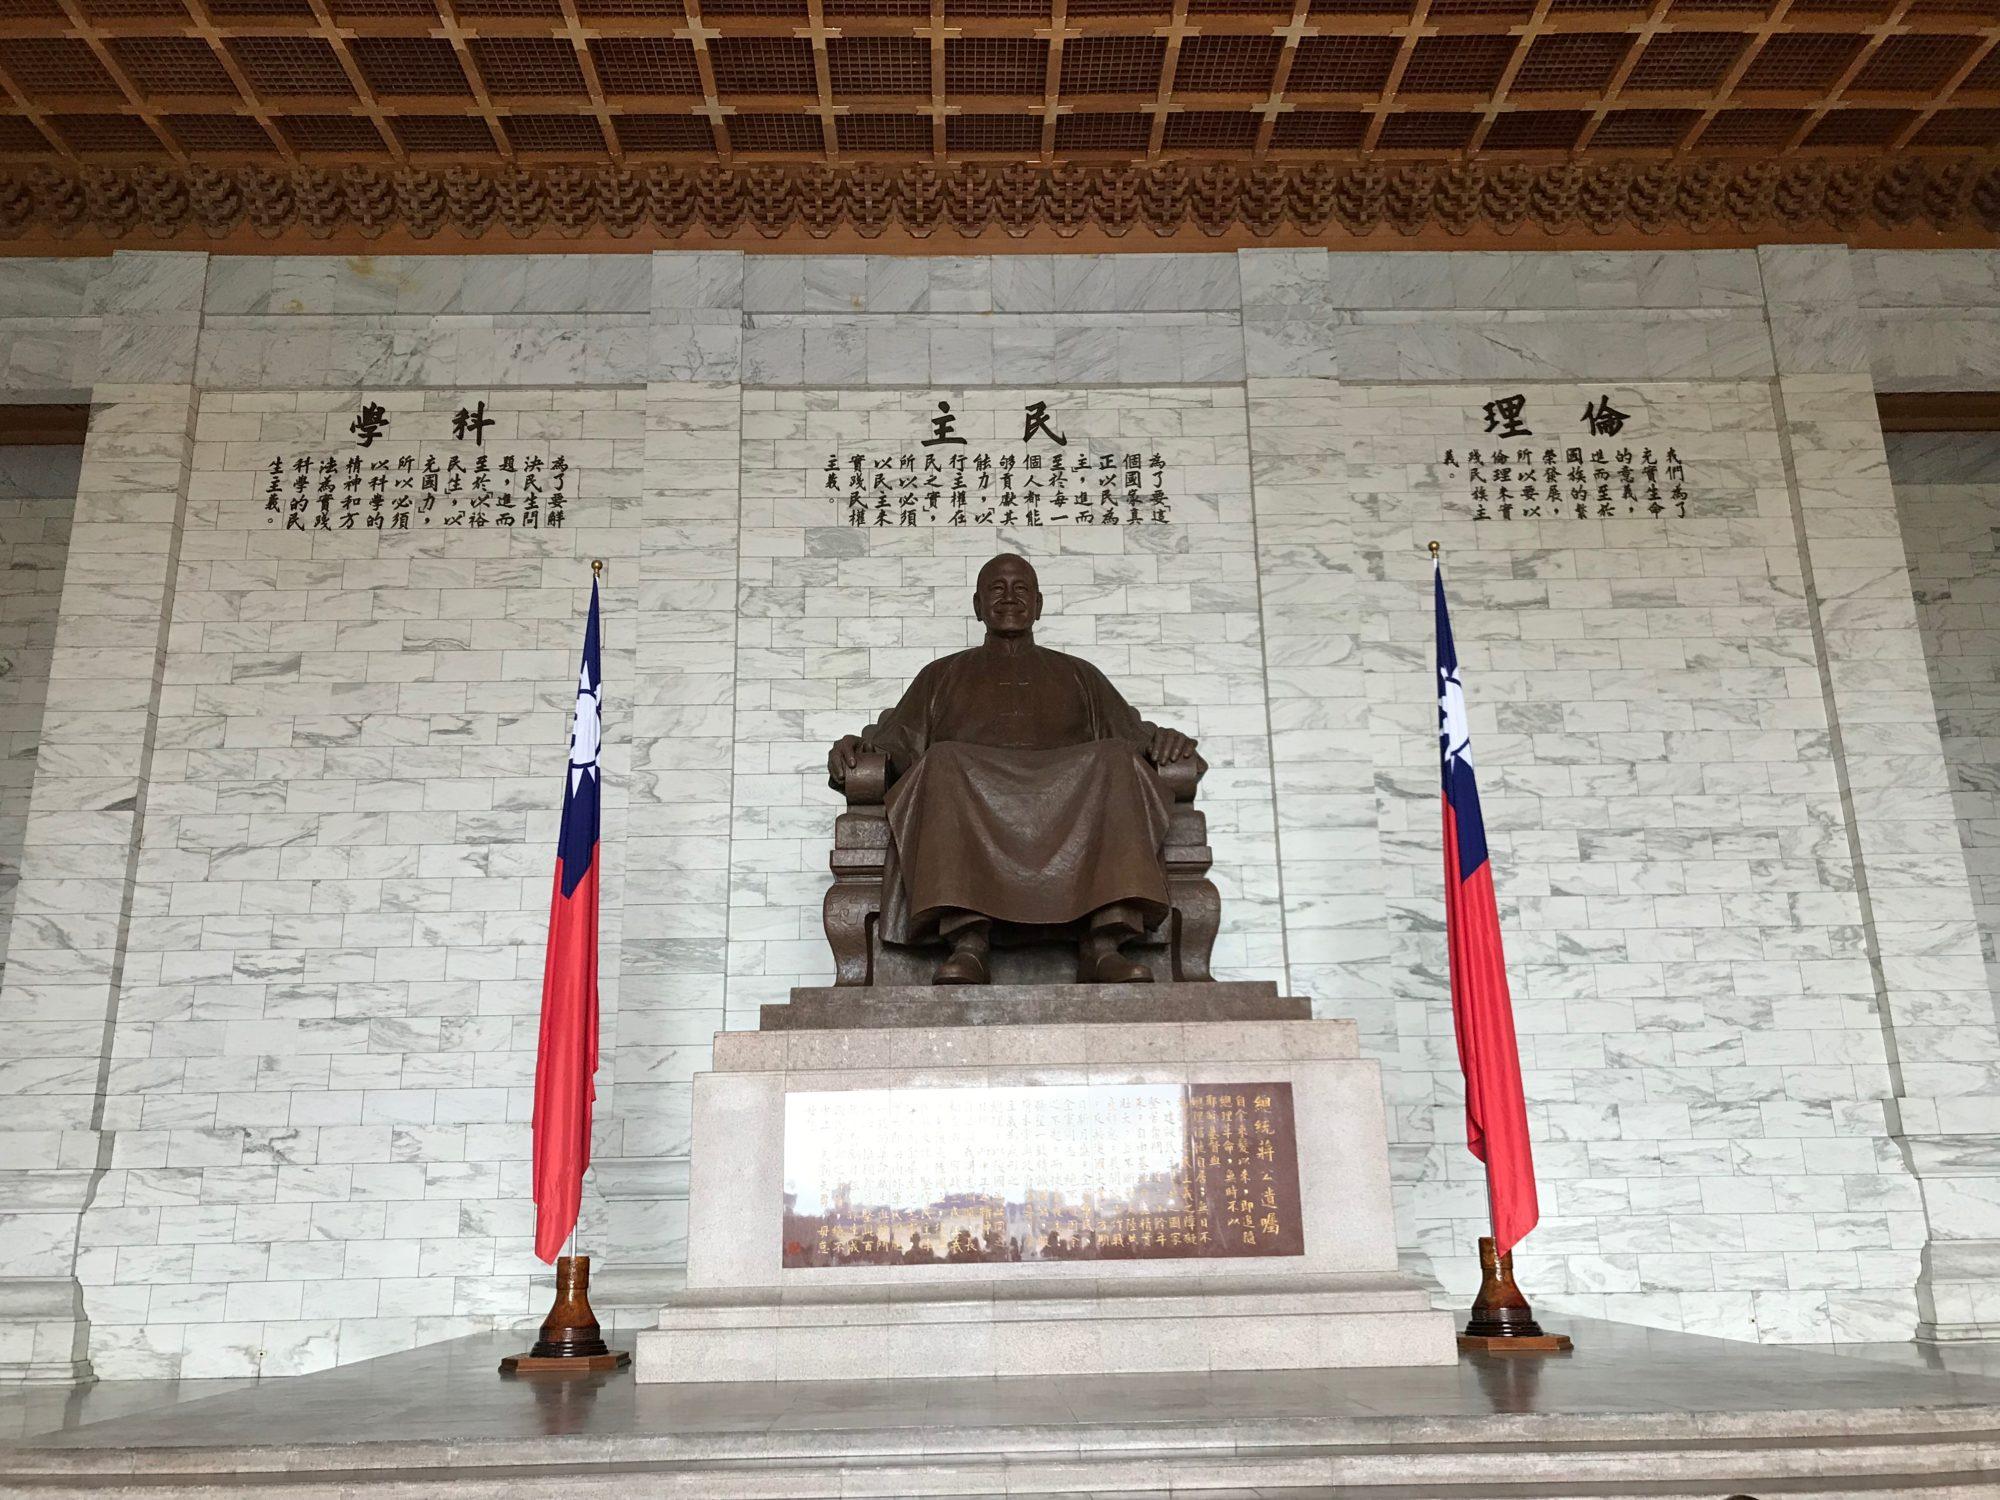 蒋介石の石像